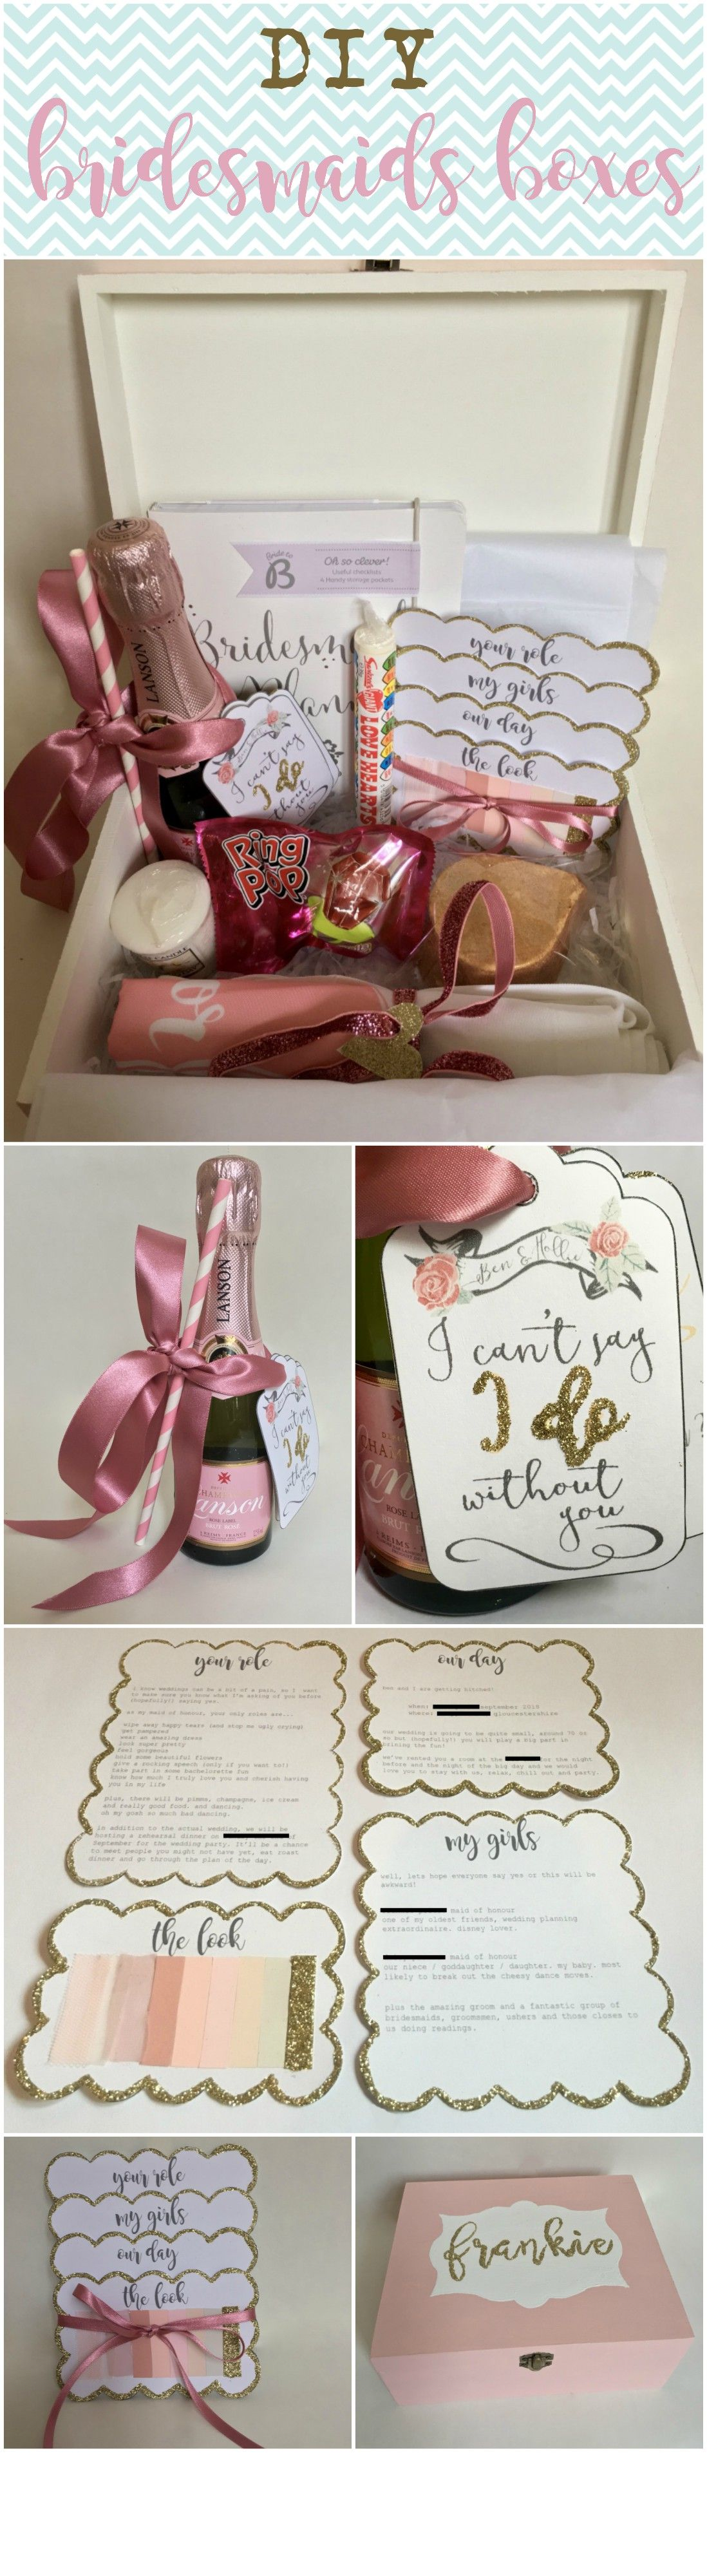 Bridesmaid Proposal Box Will You Be My Bridesmaid Maid Of Honour